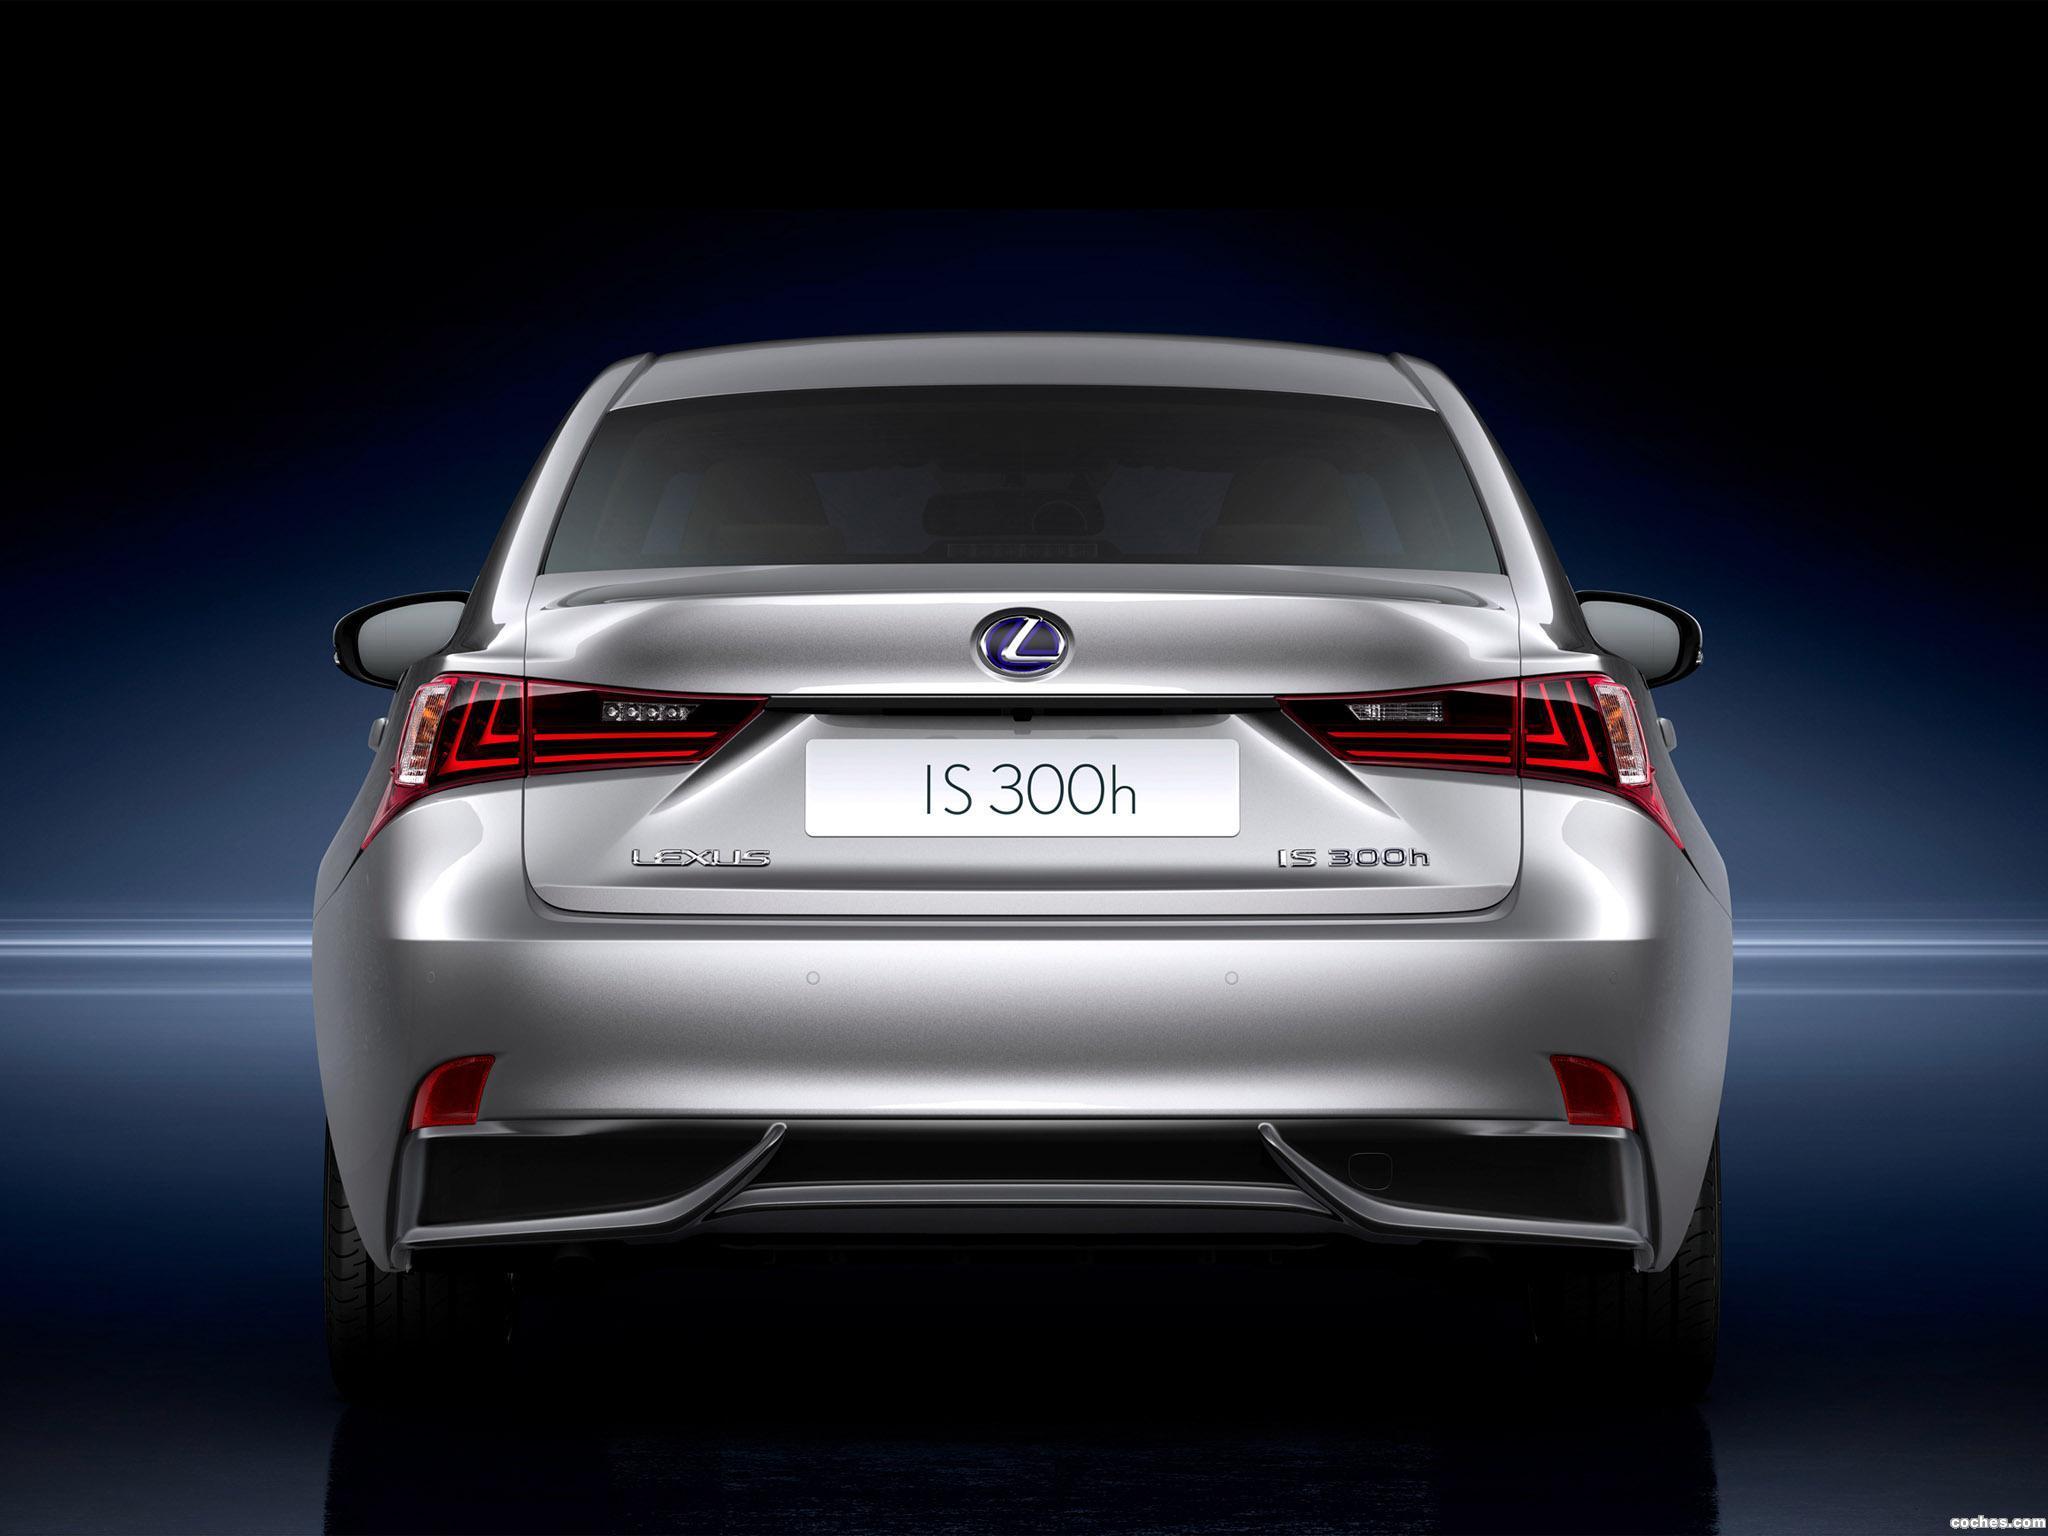 Foto 2 de Lexus IS 300h 2013